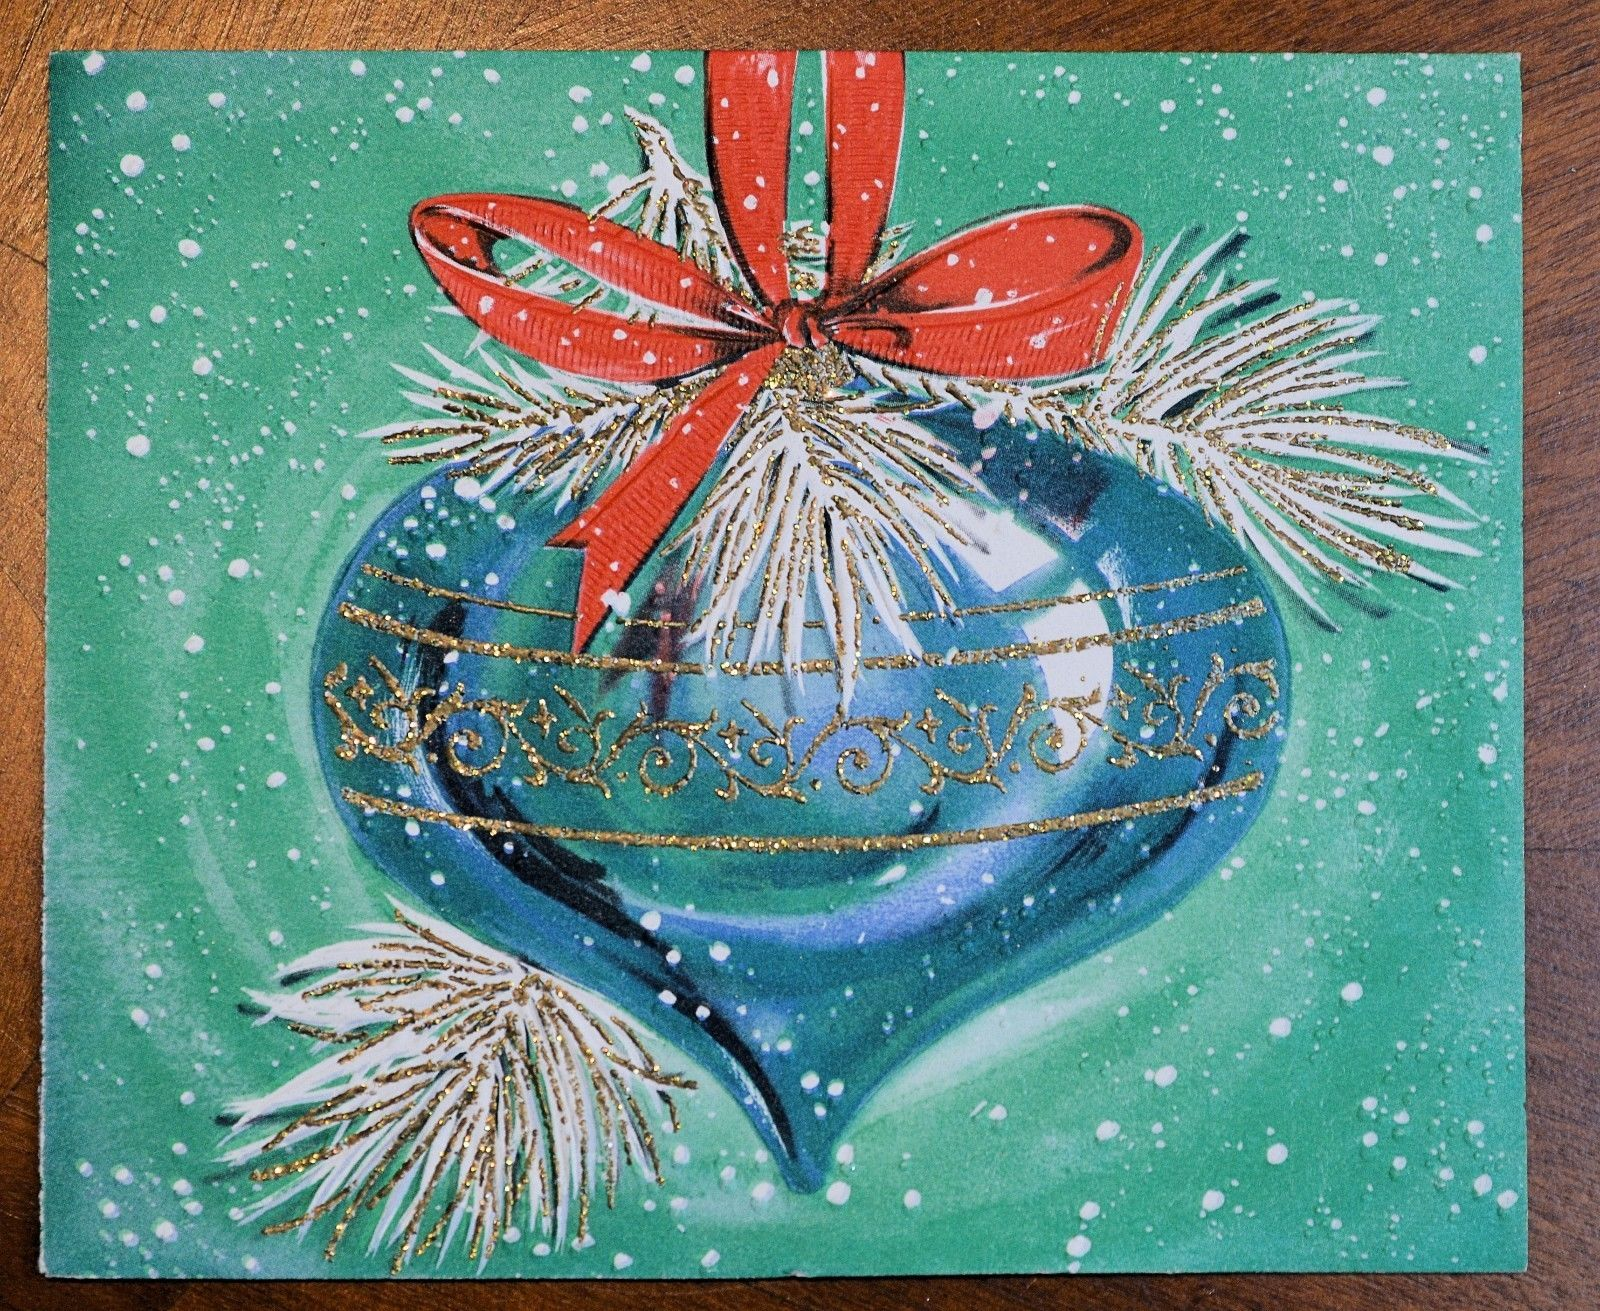 Vintage Unused Christmas Card Glitter Embossed Blue Teardrop Ornament Midcentury